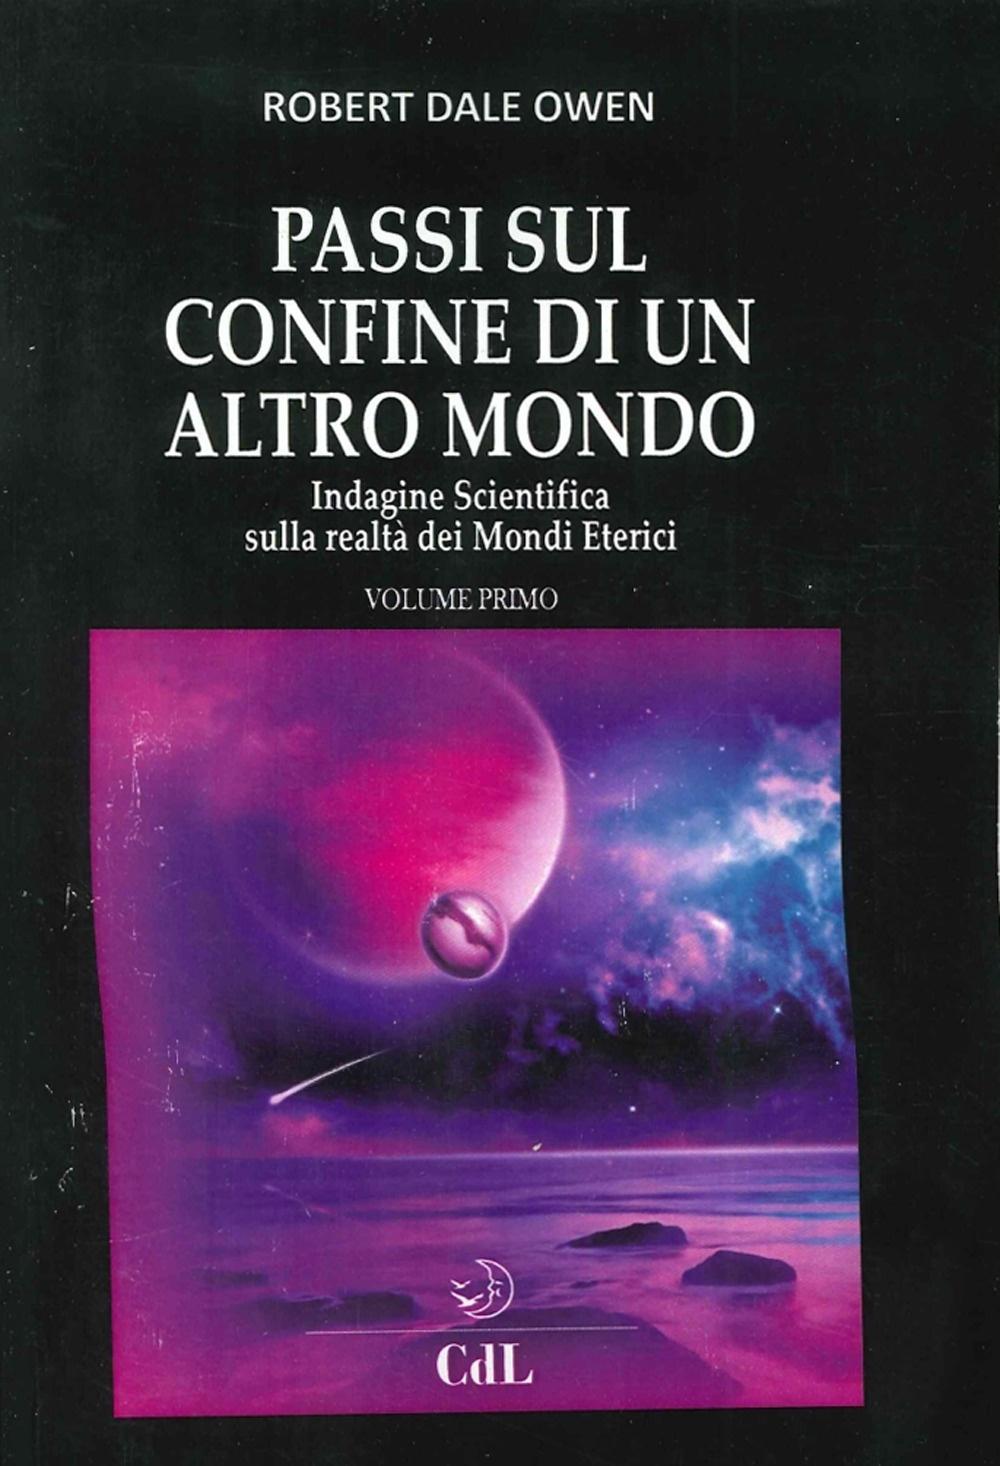 Passi sul Confine di un Altro Mondo. Vol.1. Indagine Scientifica sulla Realtà dei Mondi Eterici.